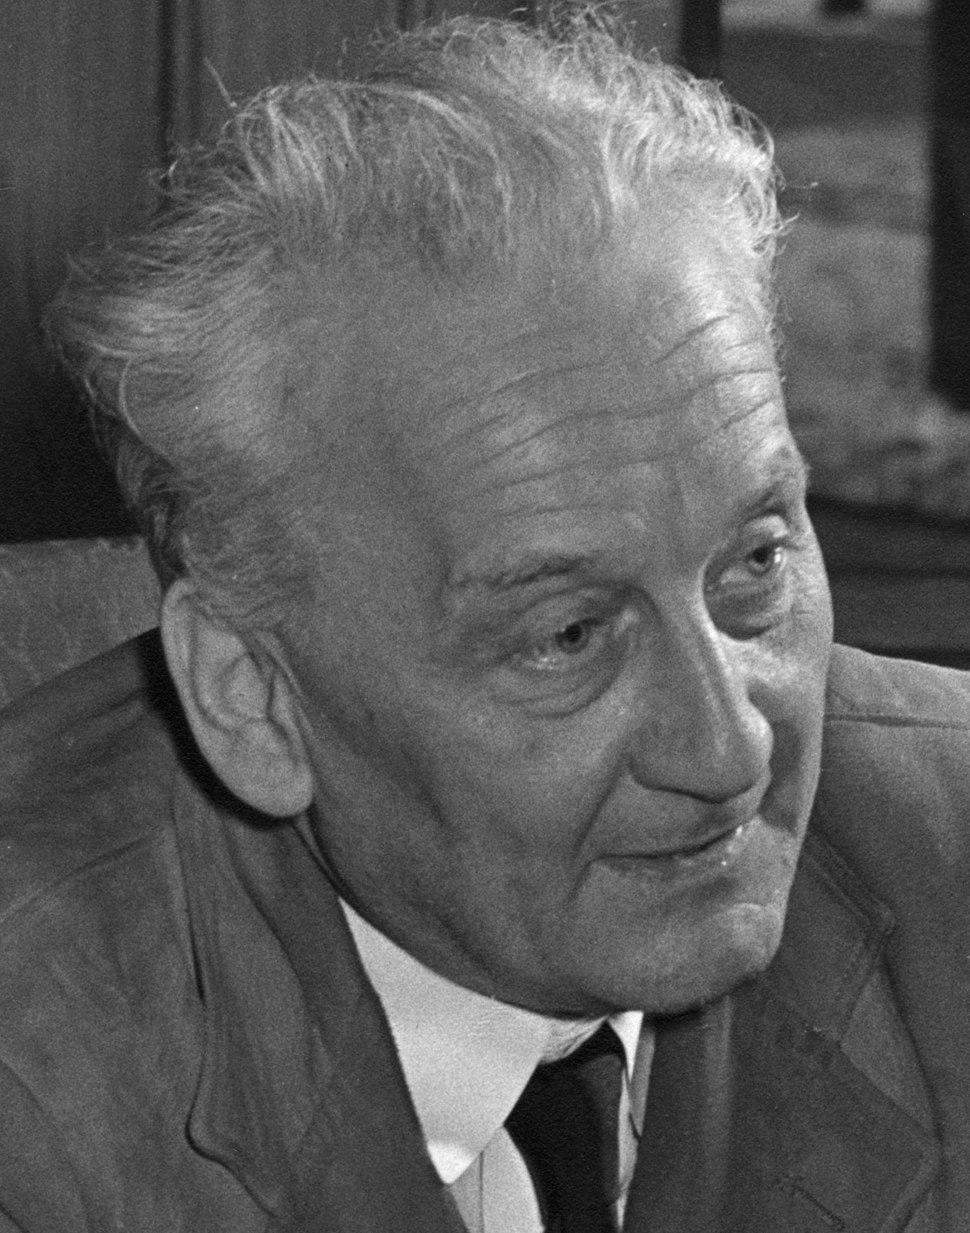 Albert Szent-Györgyi cropped